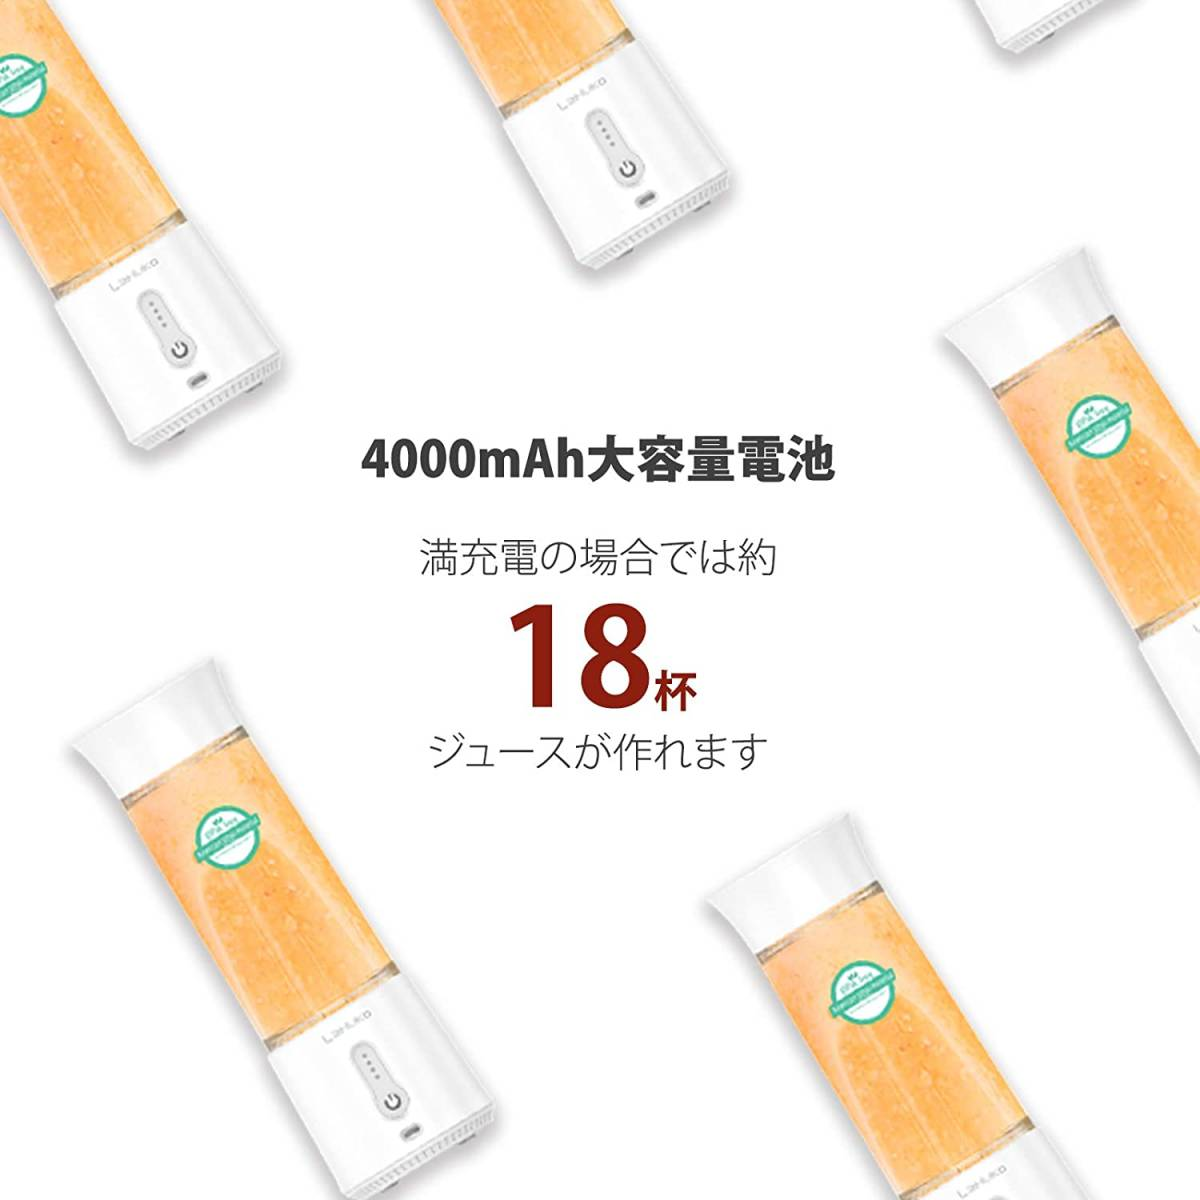 ミキサー ジューサー 1台多役 USB充電式 高速回転 500ml コンパクト